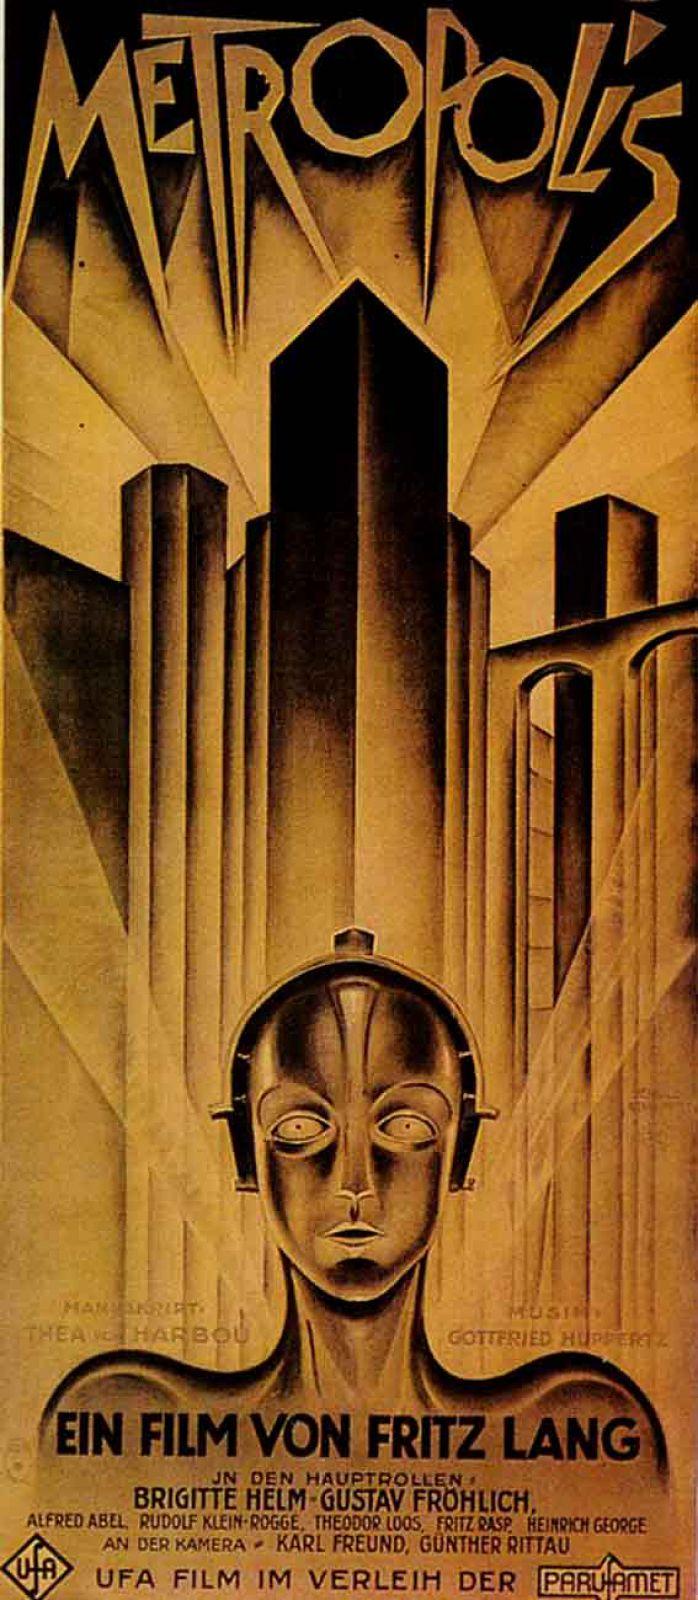 Выполненная в стиле конструктивизма редкая афиша ленты «Метрополис» (Metropolis, 1927) режиссера Фрица Ланга была приобретена за $5 тыс.